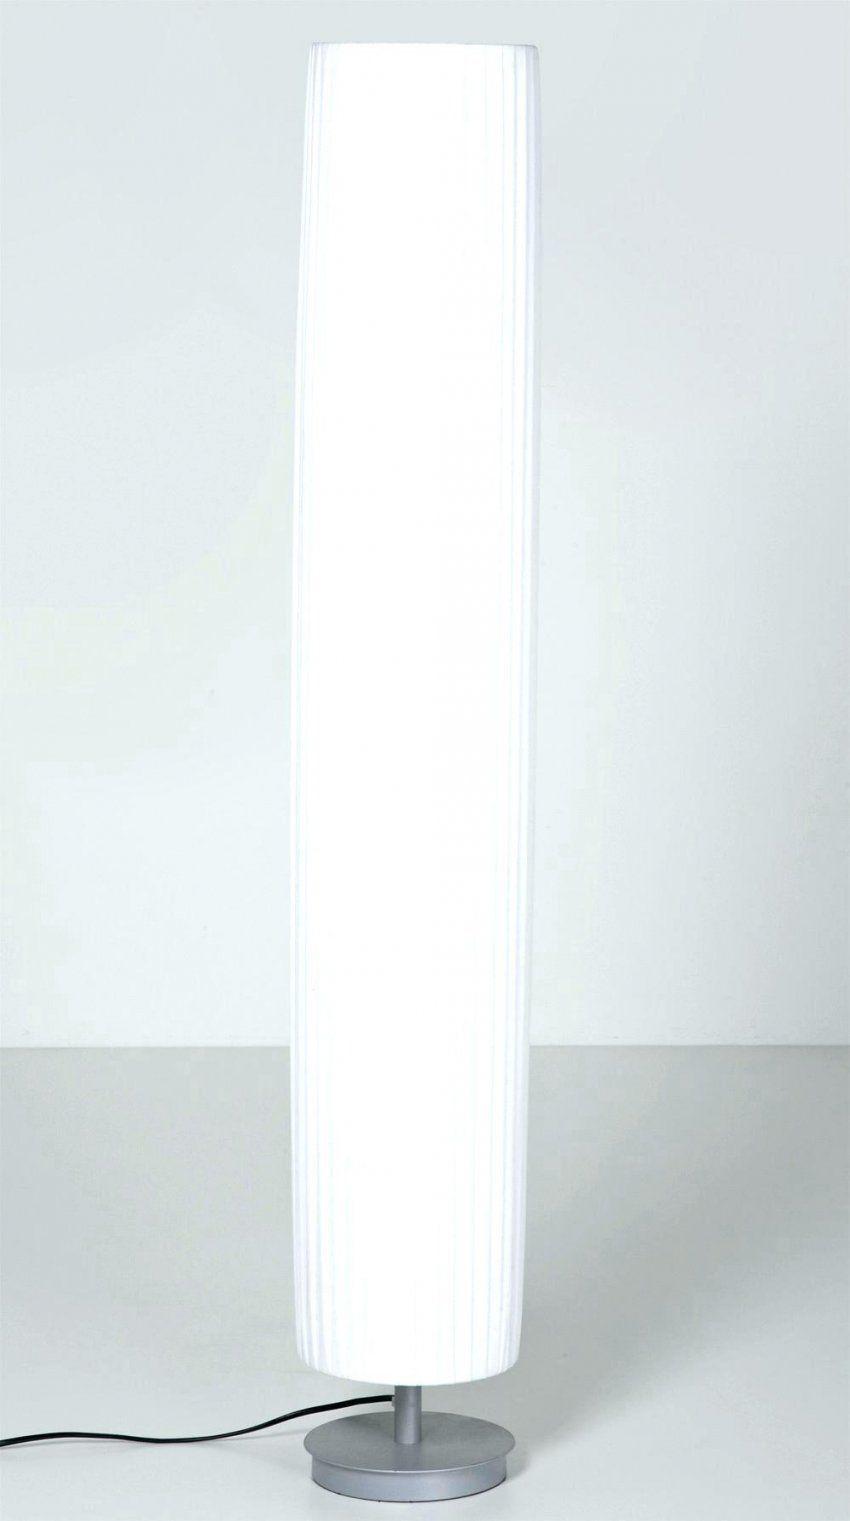 Stehlampe Schirm Schanheit Mit Lel0005086 044691 3 Schirme 1 Jpg Sw von Lampenschirme Für Stehlampen Kaufen Photo